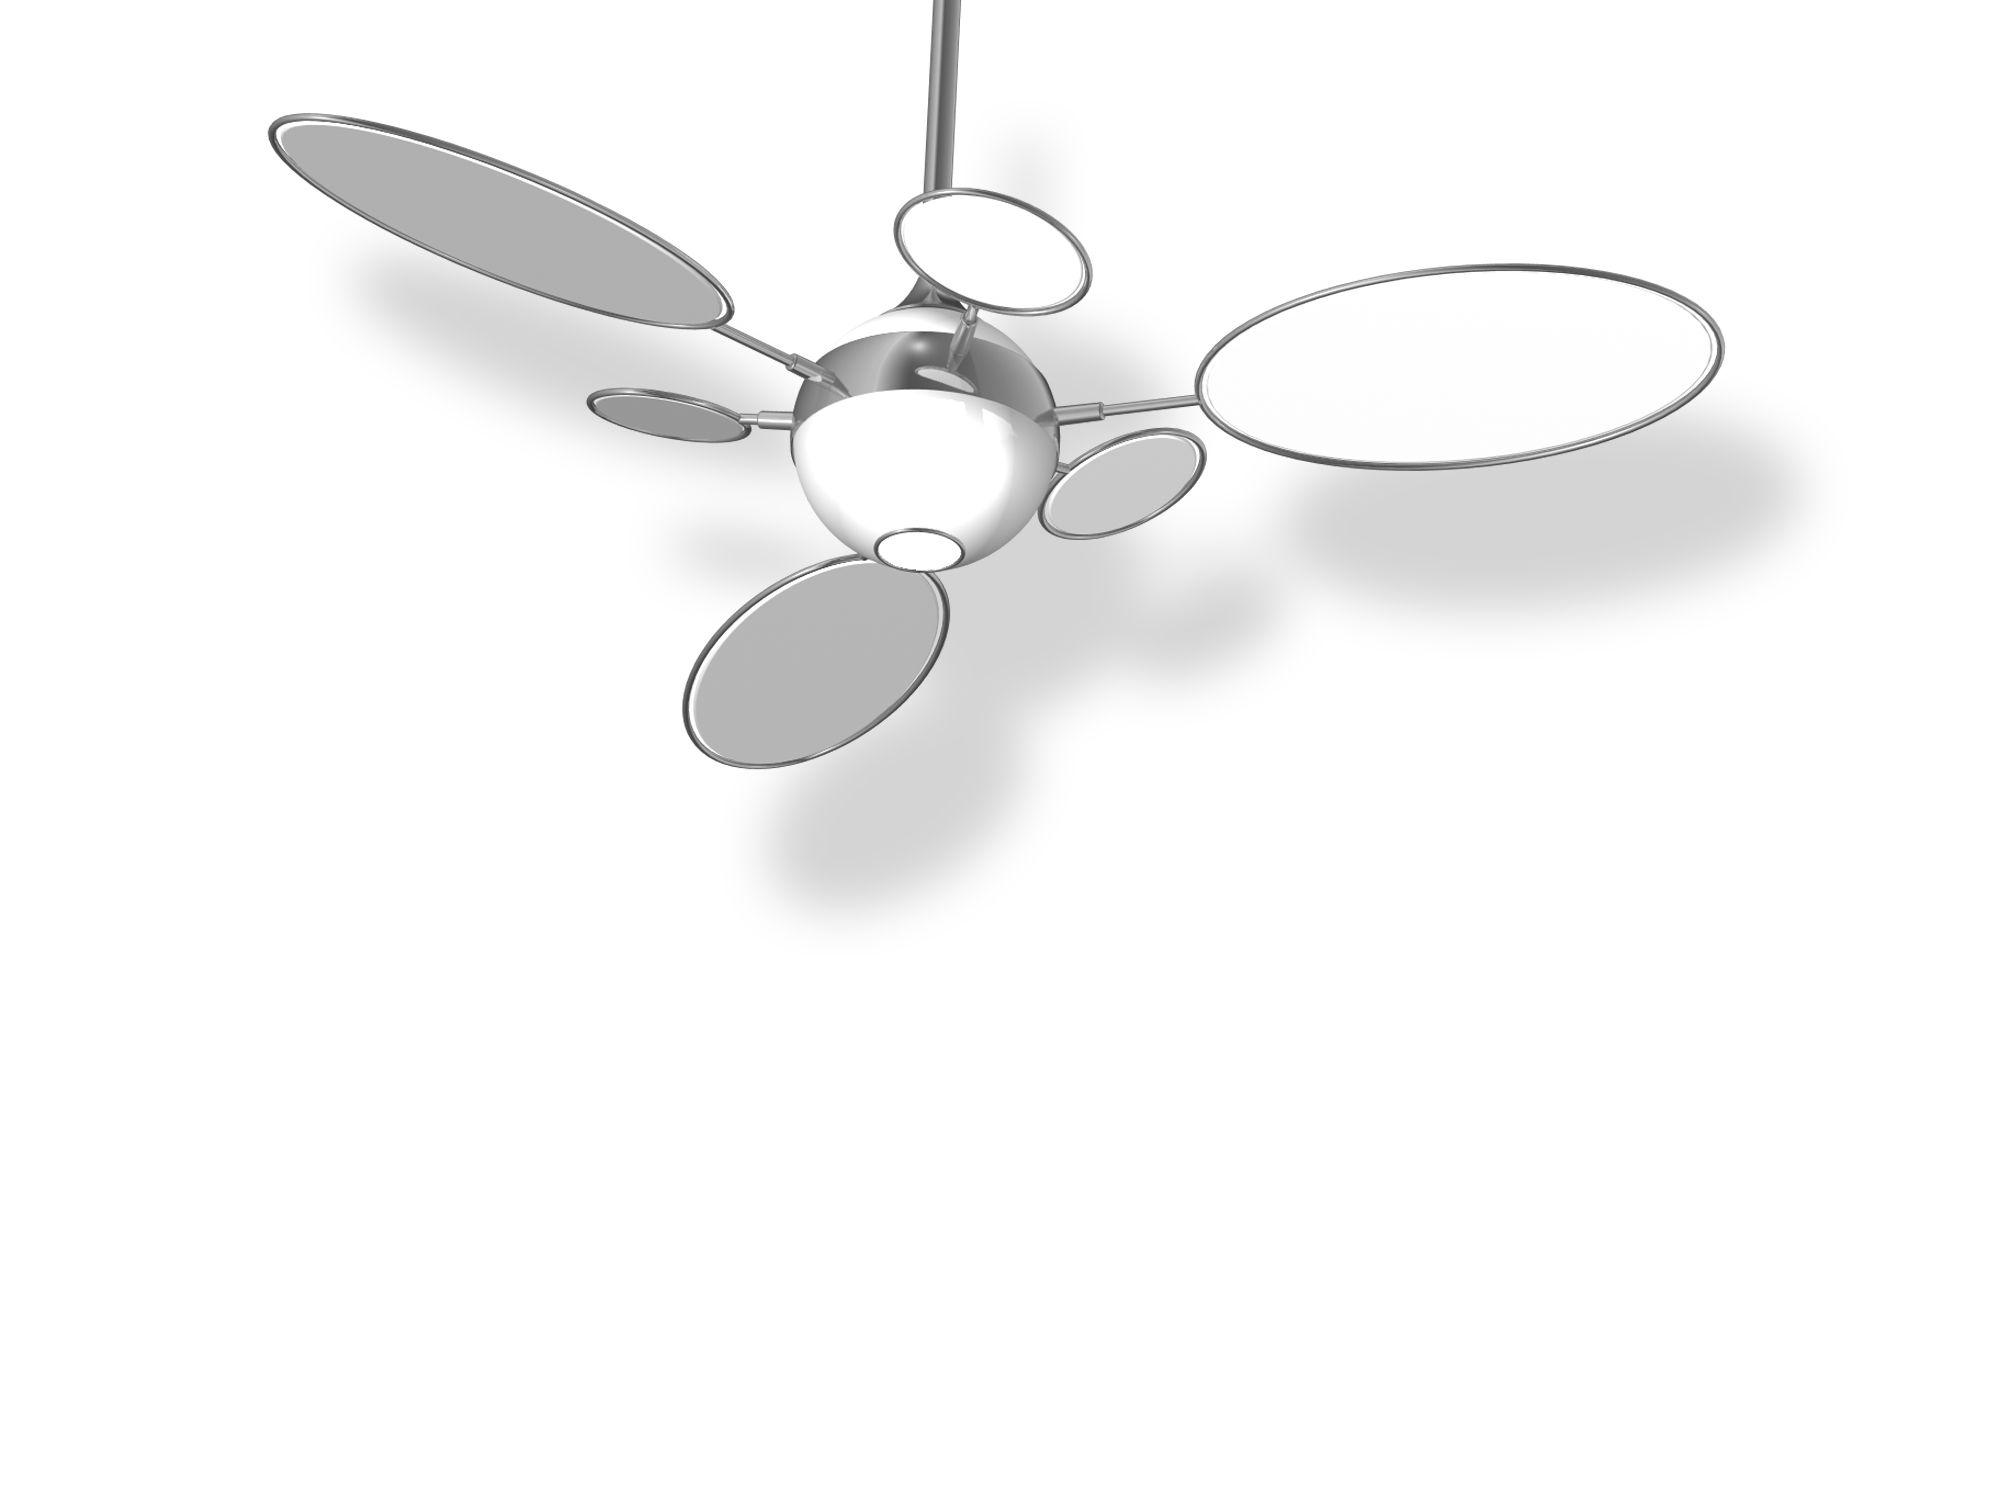 mirrored ceiling fan looks like spudnik Stuff